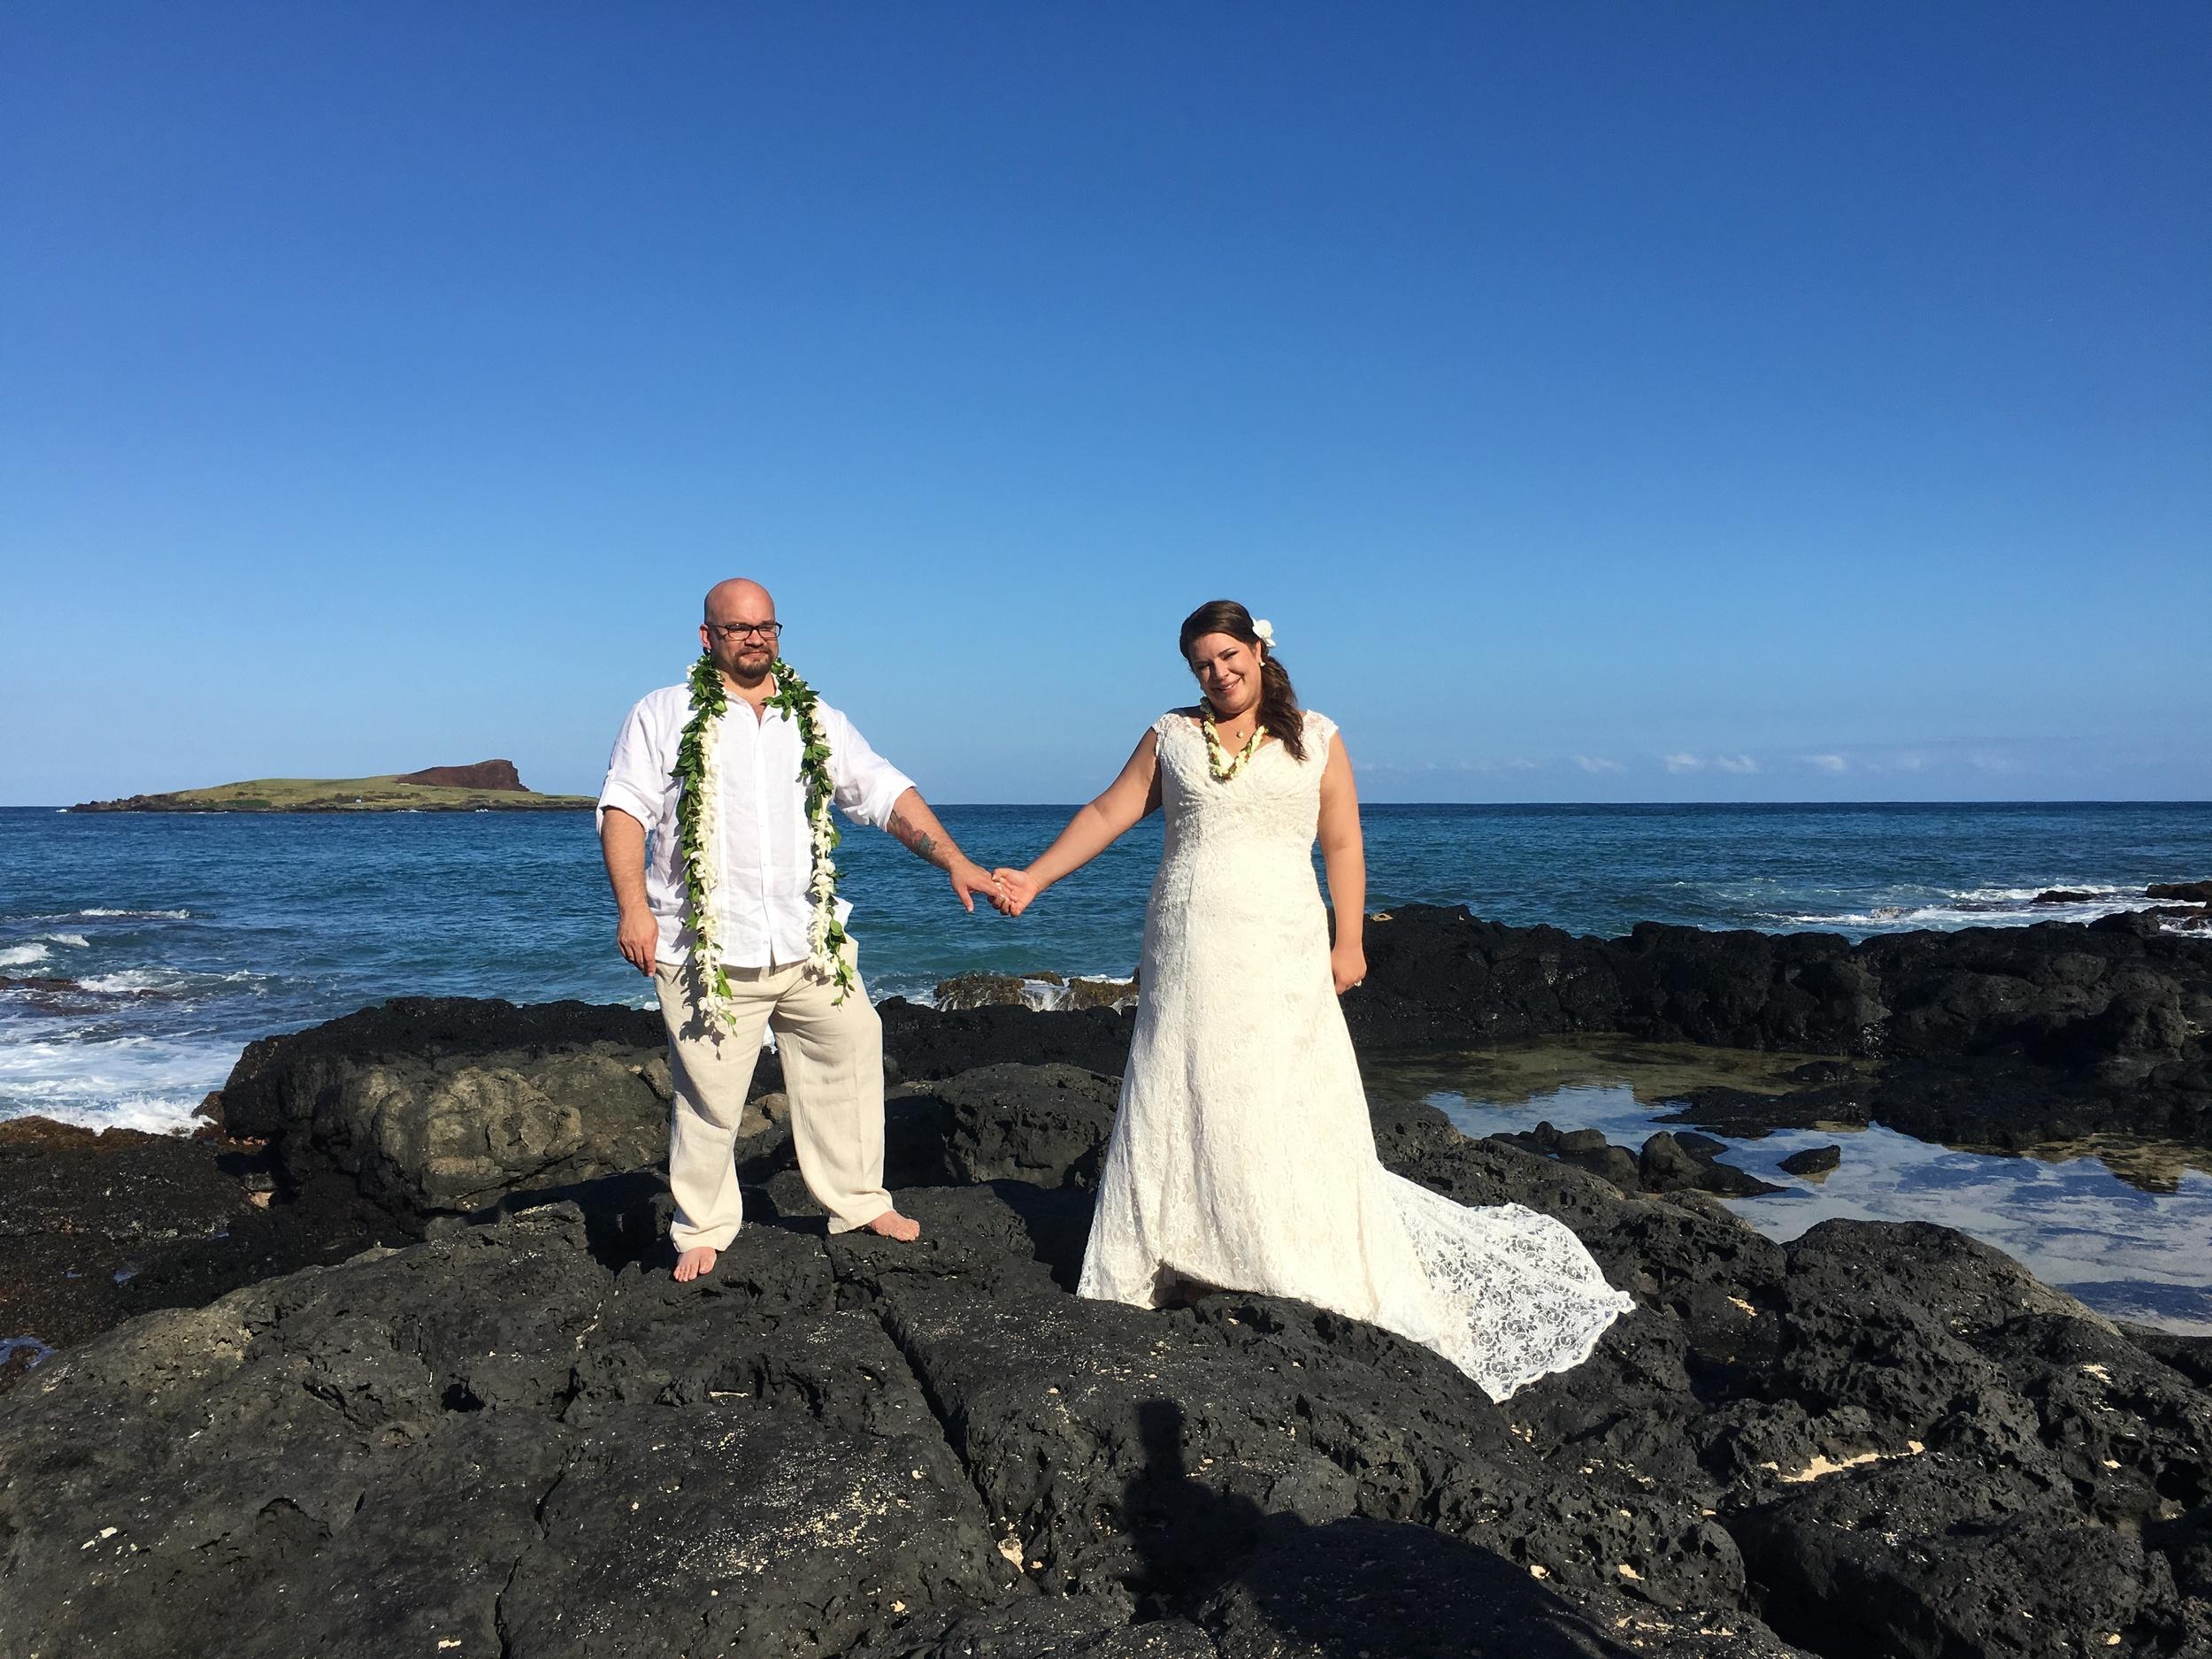 37-small-hawaii-beach-wedding.JPG